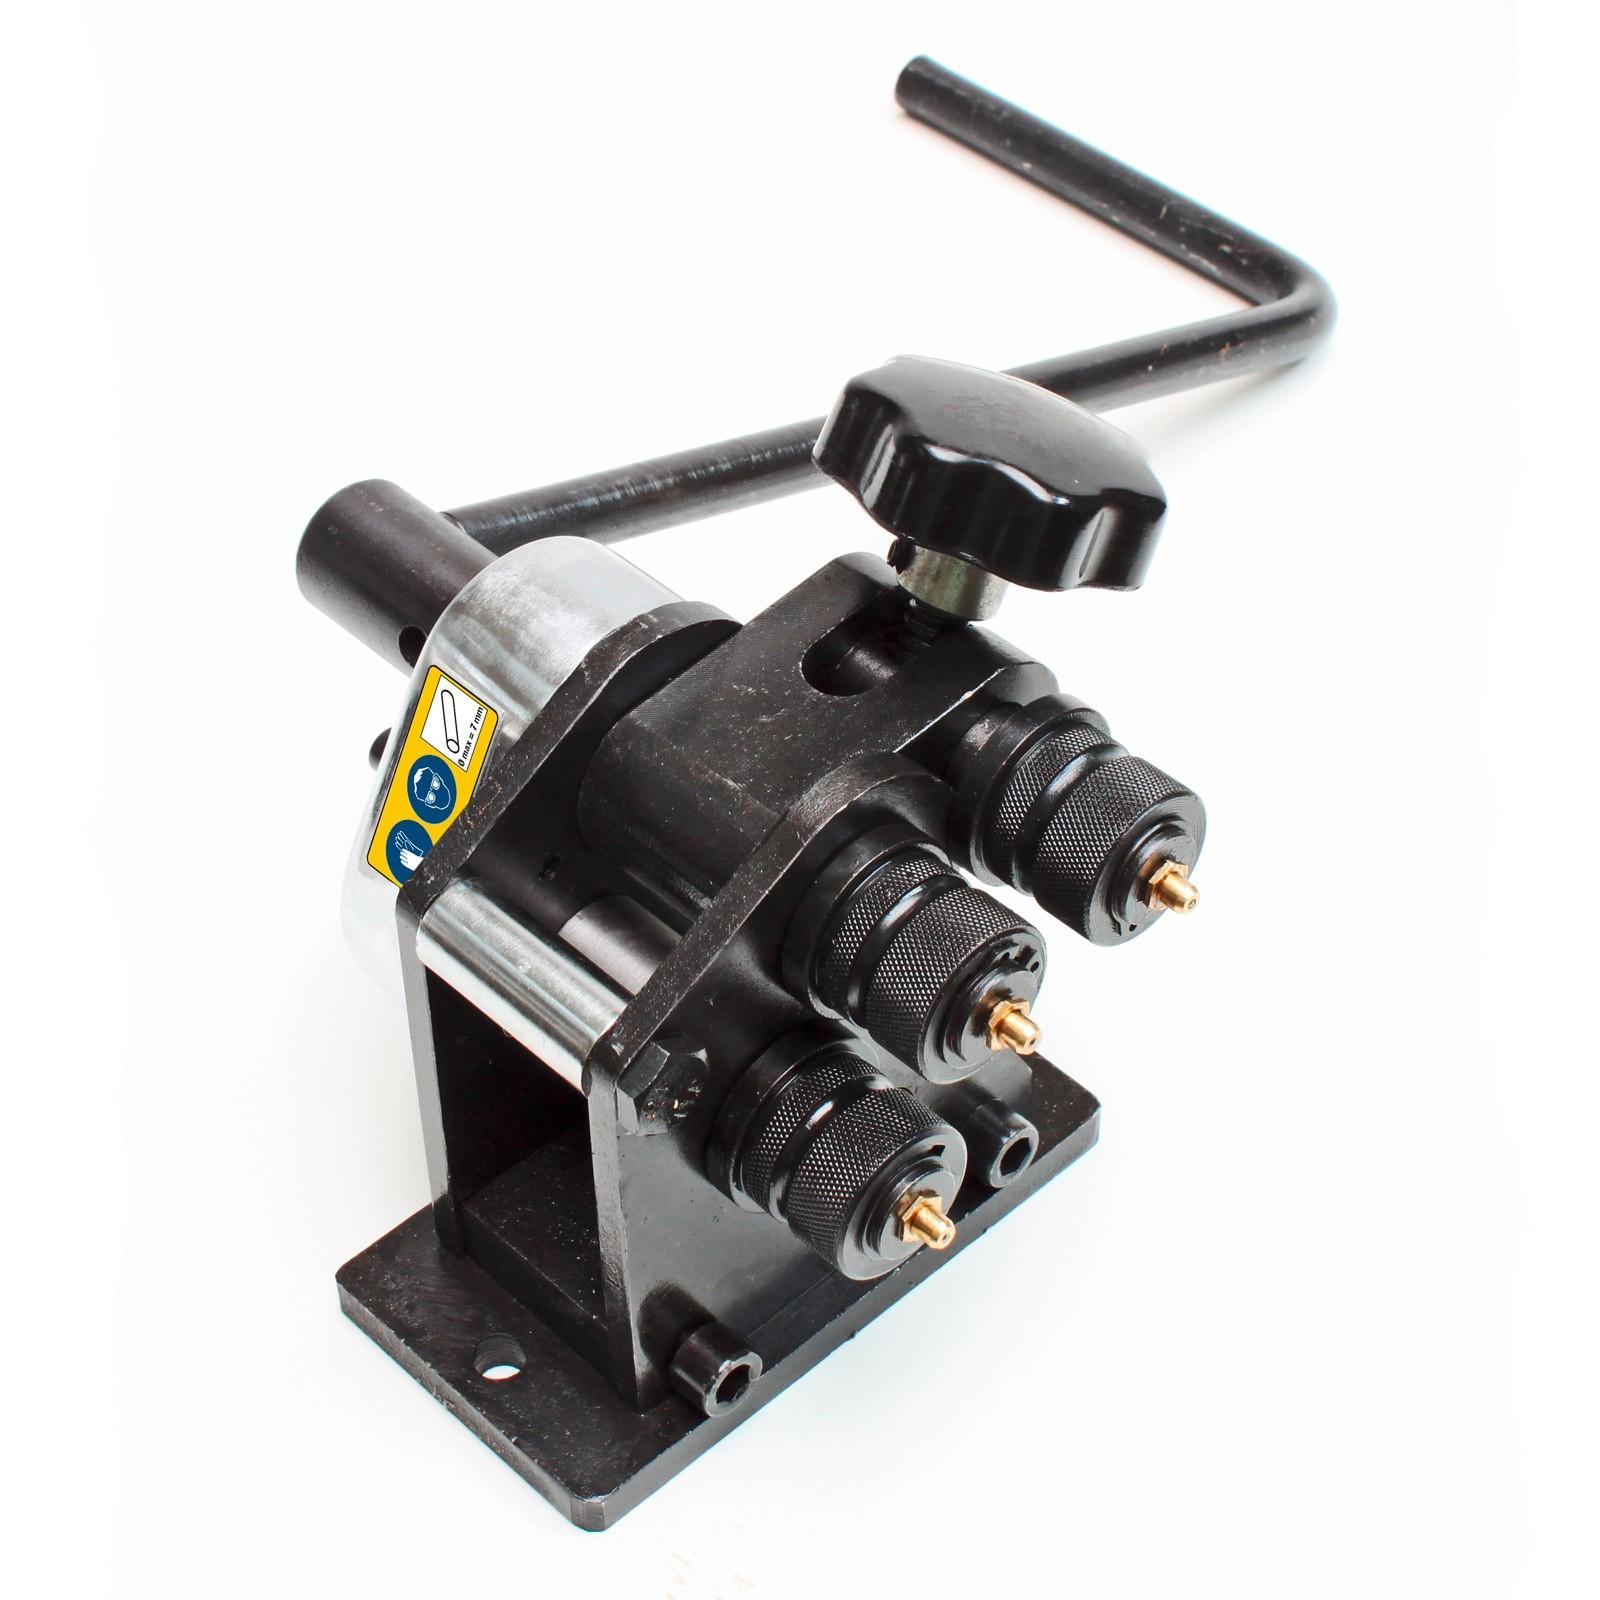 Dema Rollenbiegemaschine / Biegemaschine 5 / 7 mm 24304